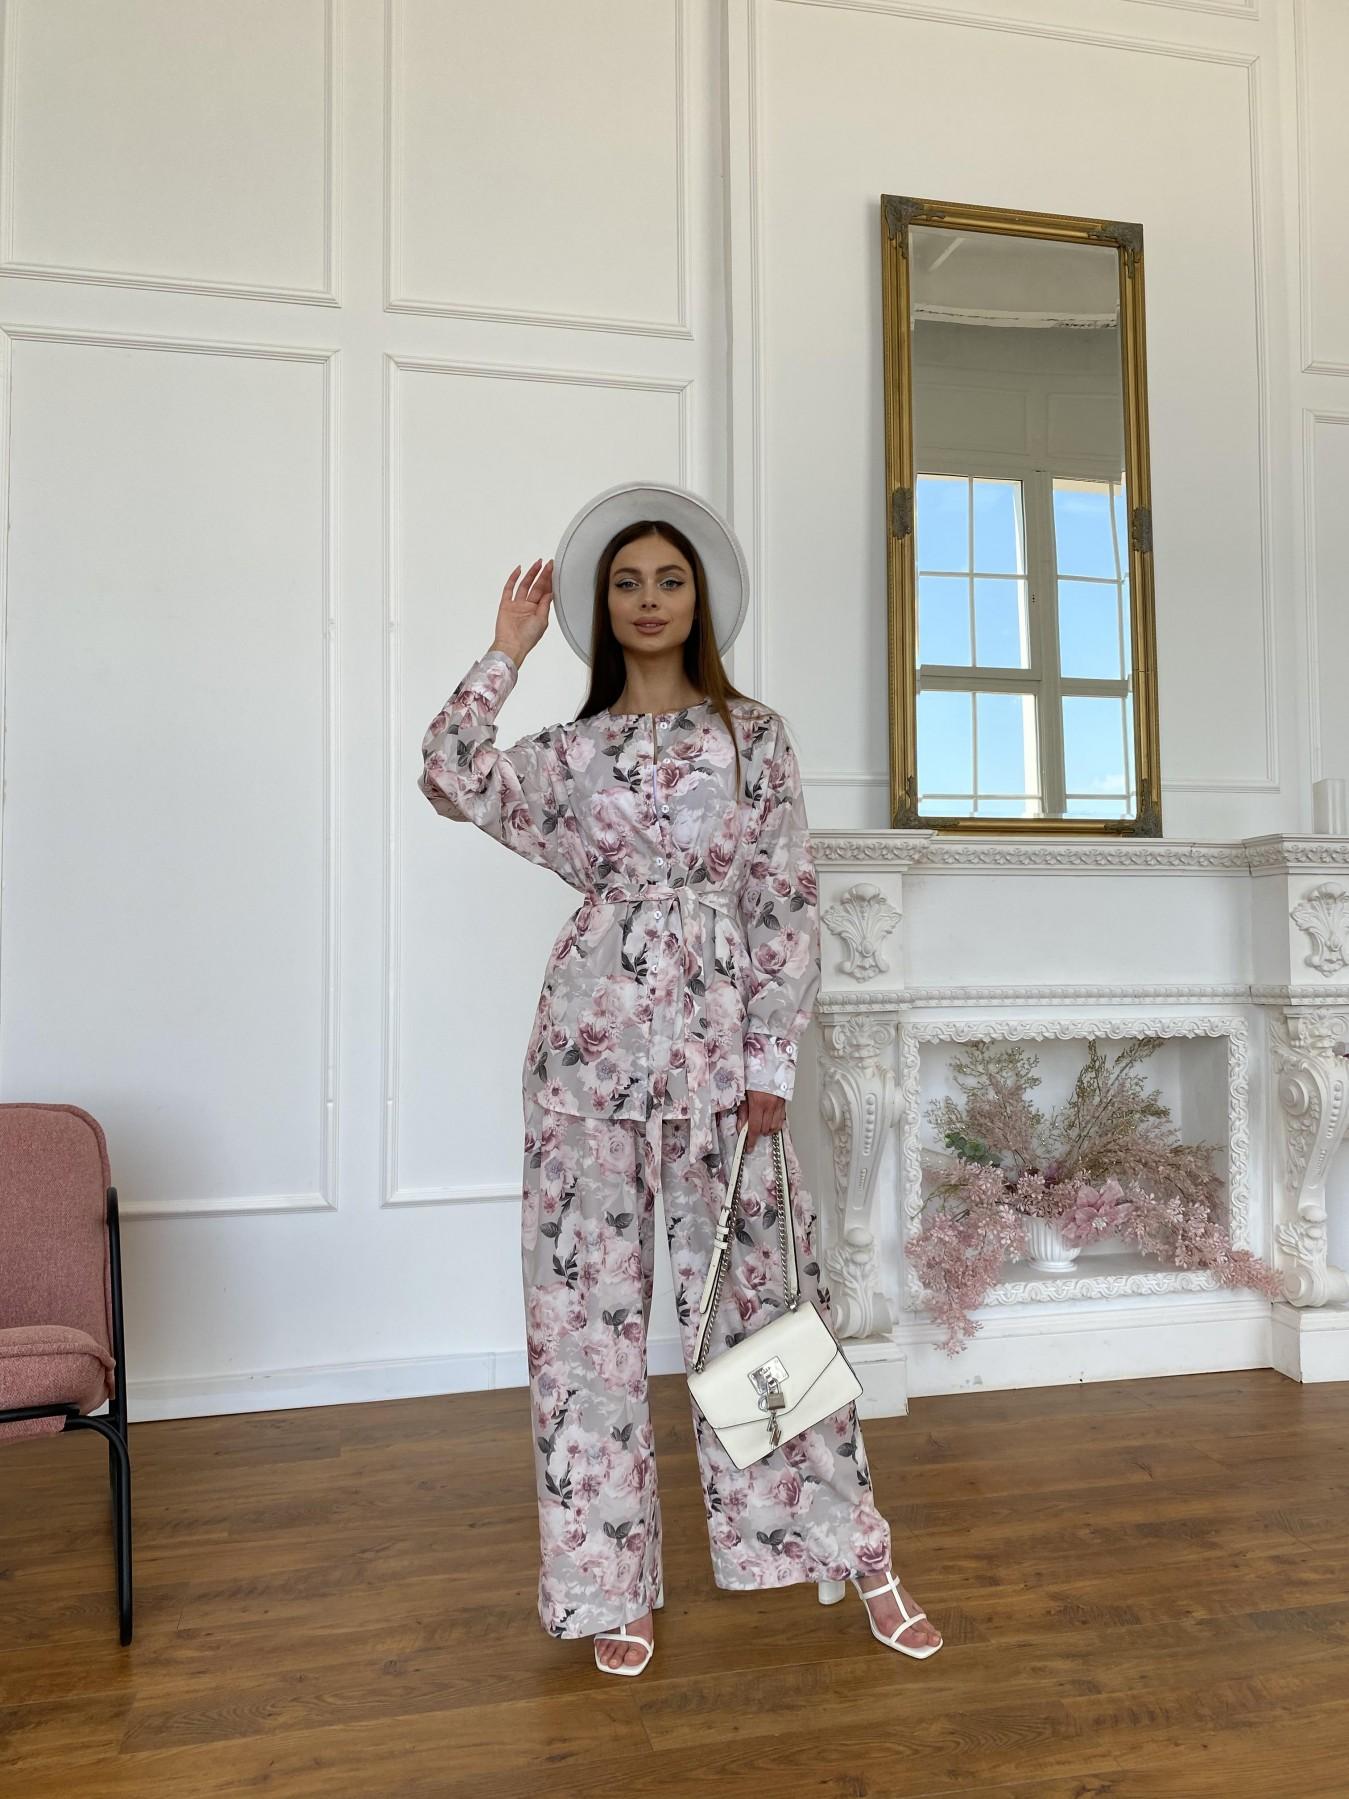 Колибри костюм софт с принтом 11244 АРТ. 48017 Цвет: Бежевый серый/РозовРозы - фото 2, интернет магазин tm-modus.ru